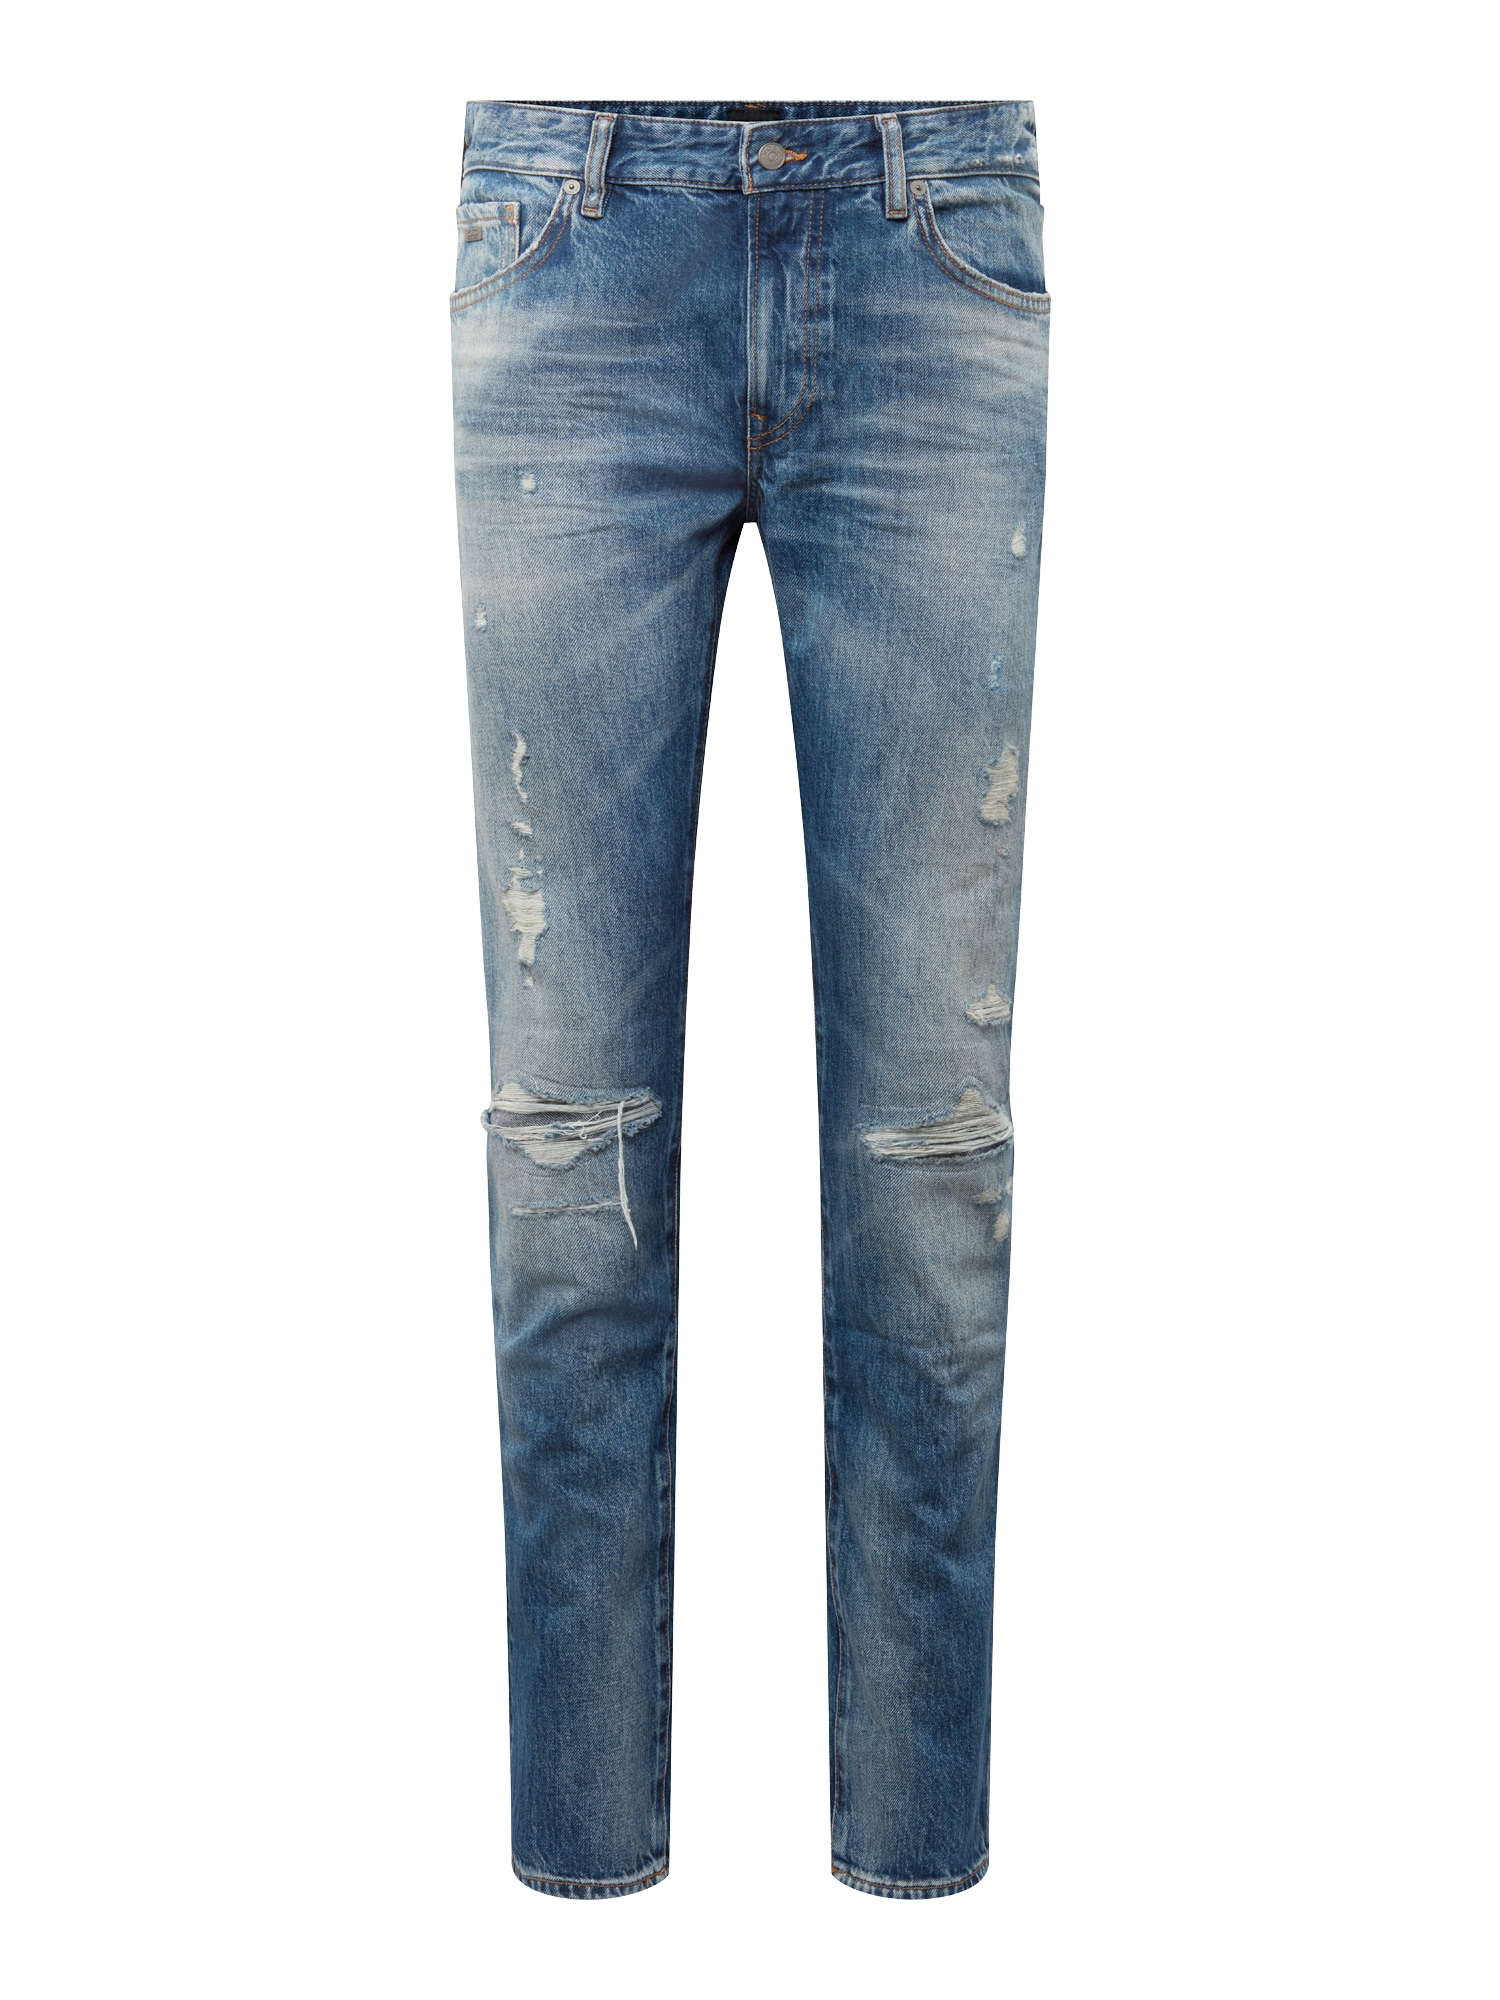 Džíny Maine BC-L-C 10216234 01 modrá džínovina BOSS